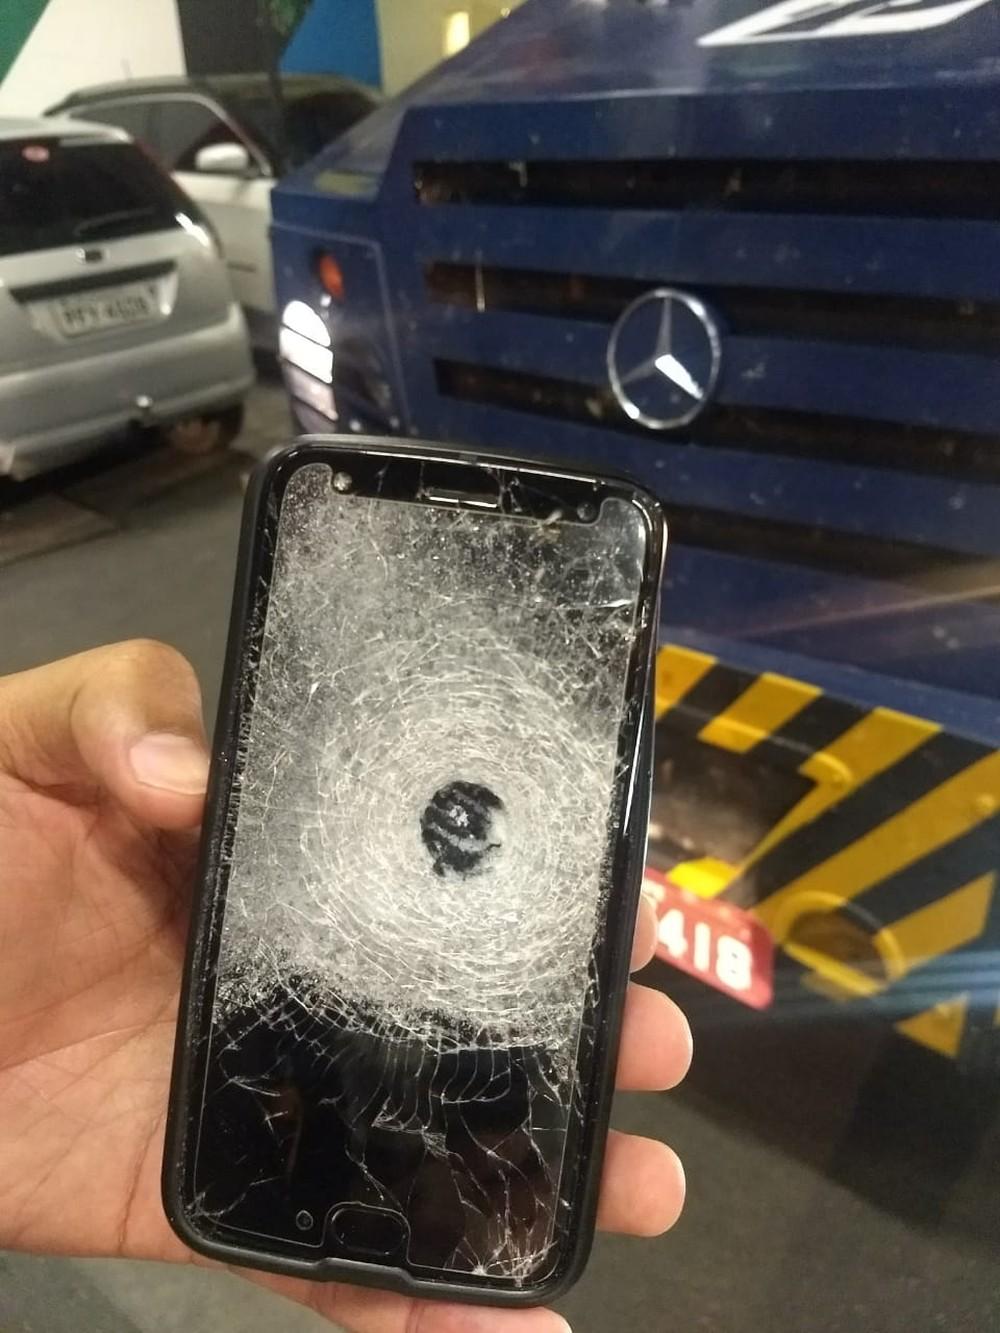 7f5c70ae997 ... tentativa de assalto a um carro-forte foi registrada dentro de um  supermercado atacadista no bairro Petrópolis, em Caruaru, no Agreste de  Pernambuco.